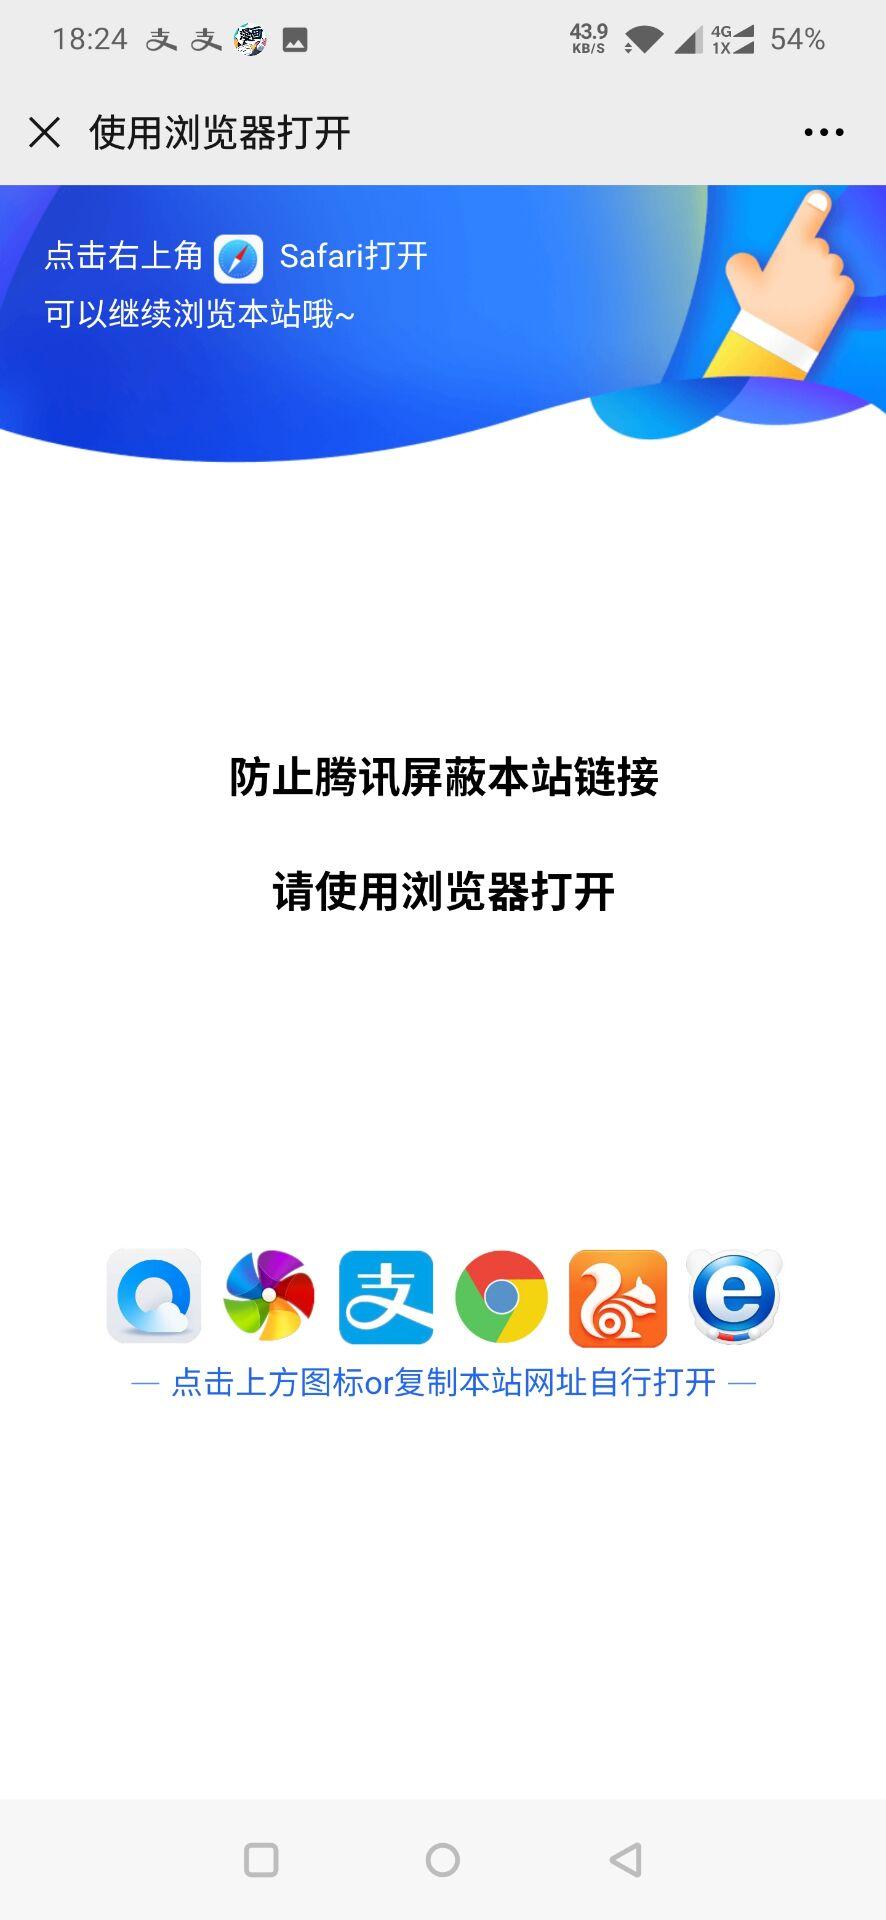 图片[1]-QQ微信防红跳转浏览器打开源代码-墨吻博客